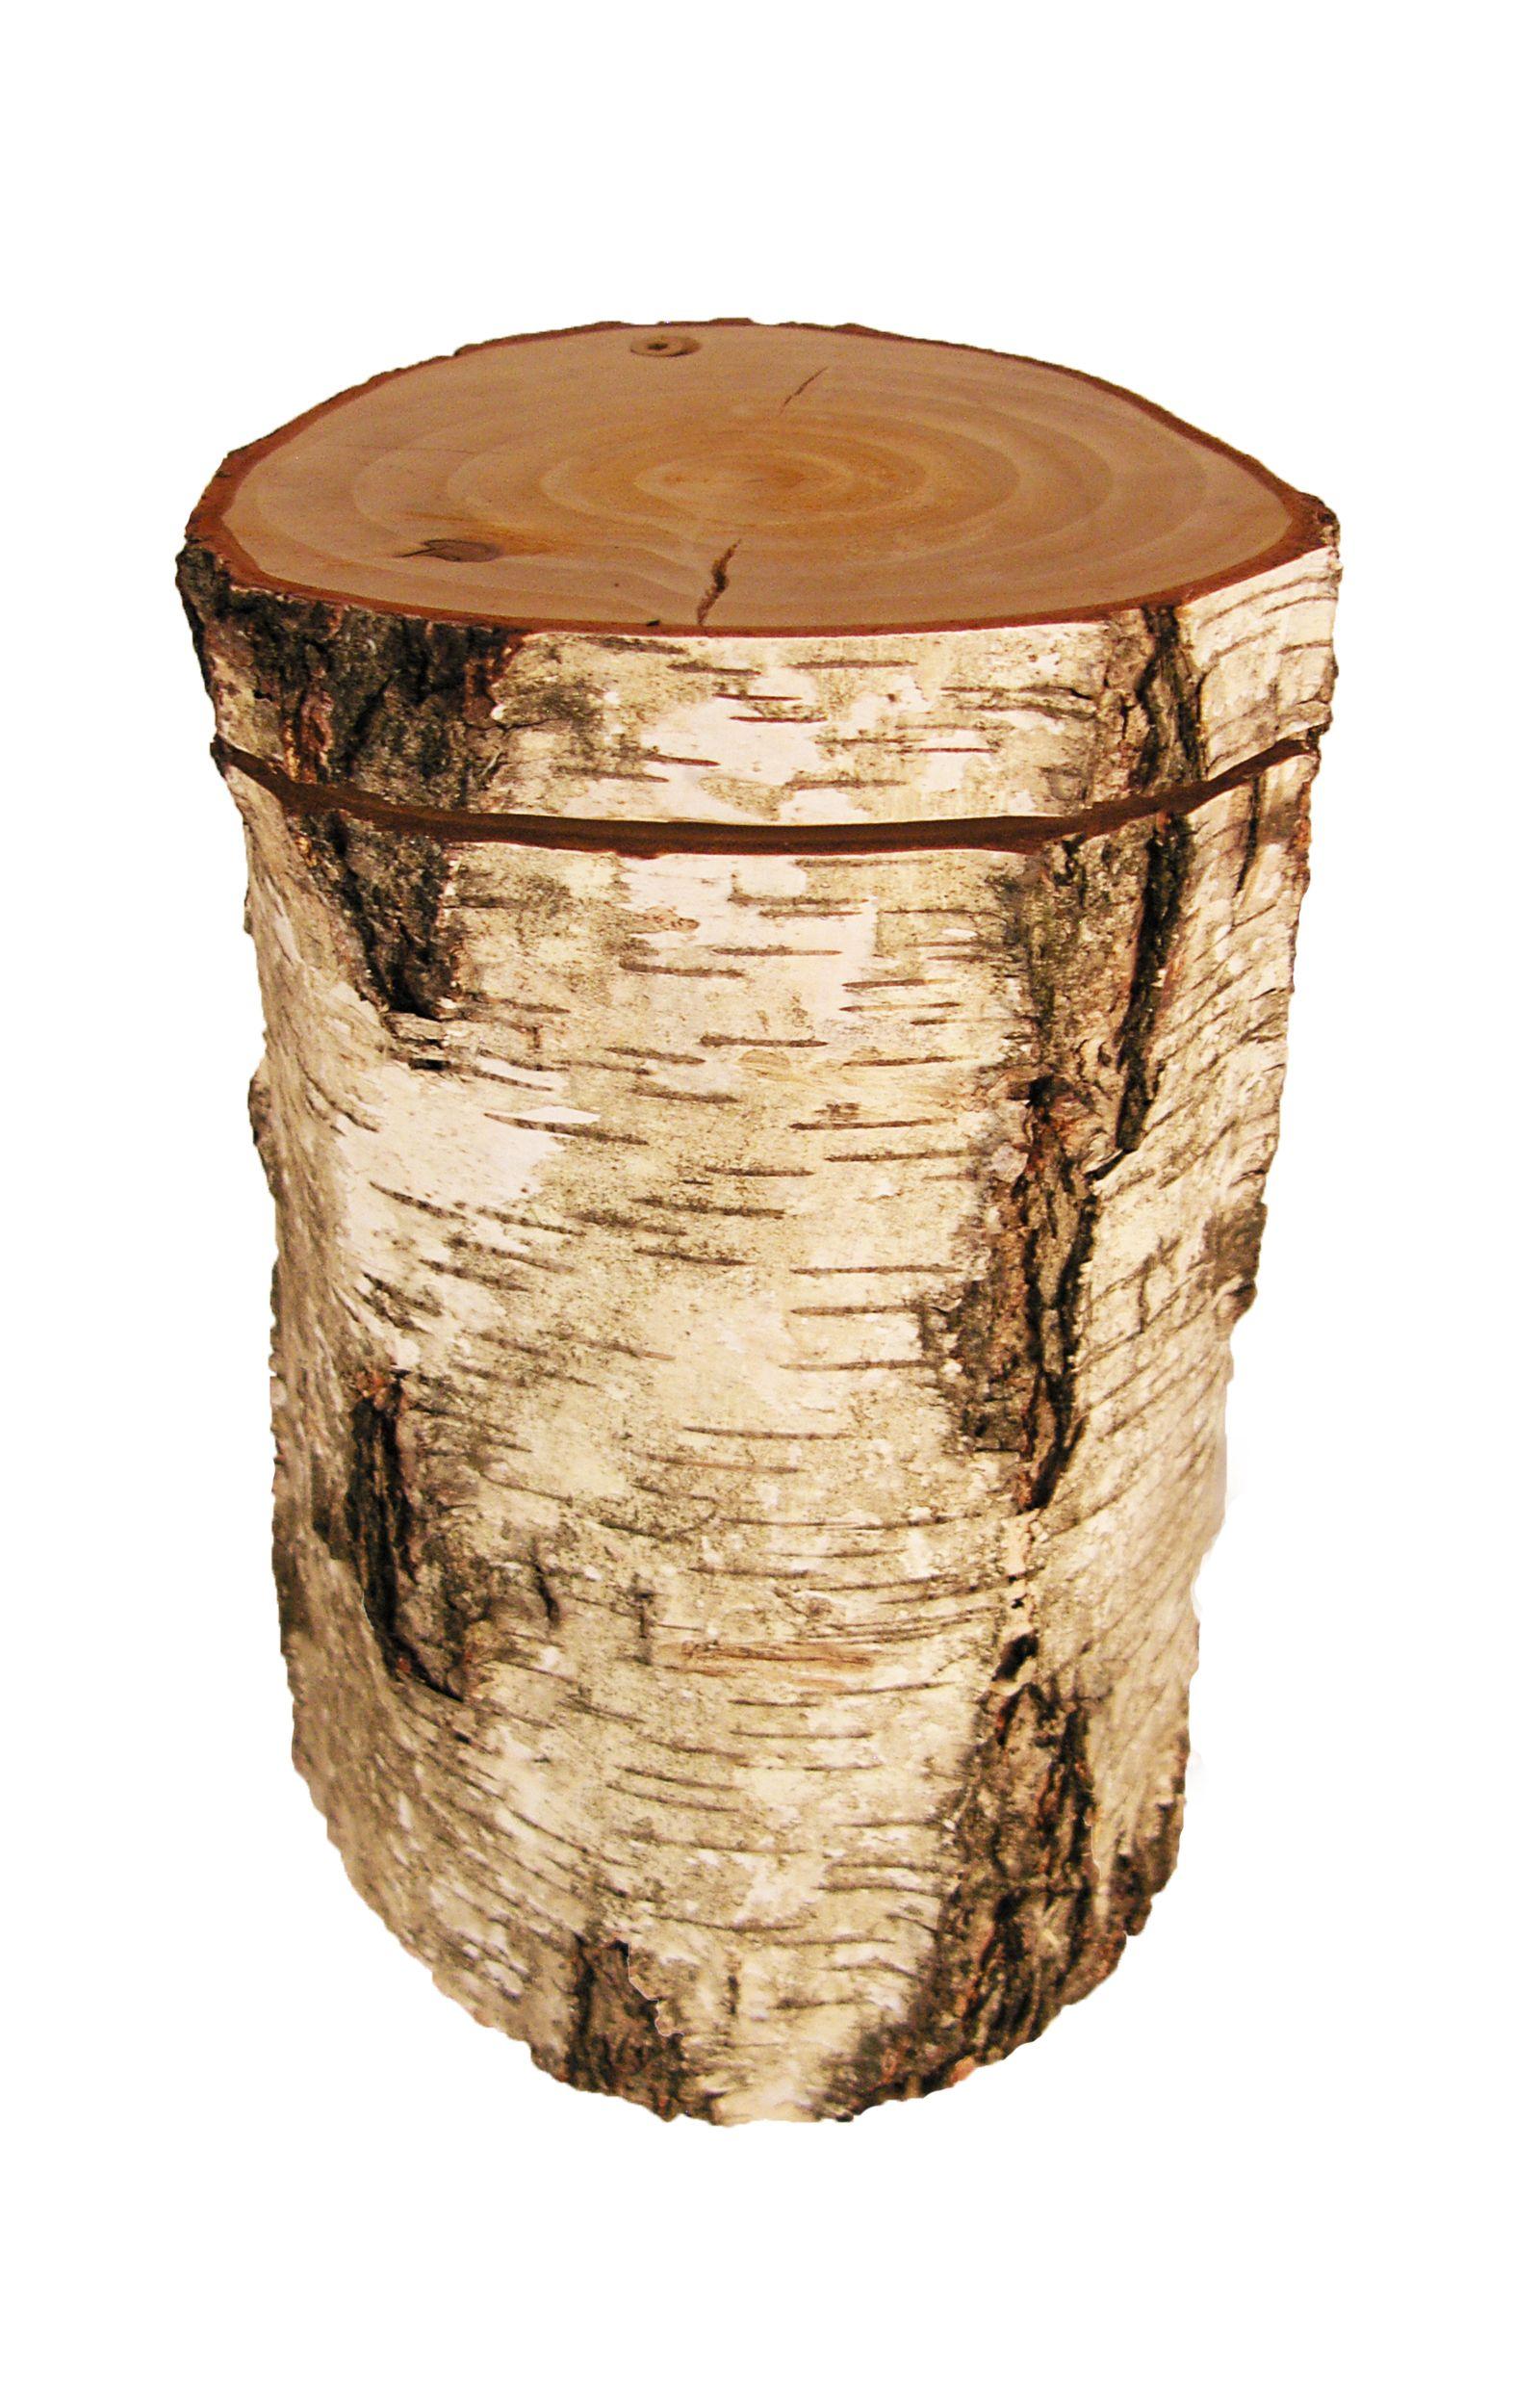 holzurne aus baumstamm birke mementi urnen pinterest holz baum und birke. Black Bedroom Furniture Sets. Home Design Ideas